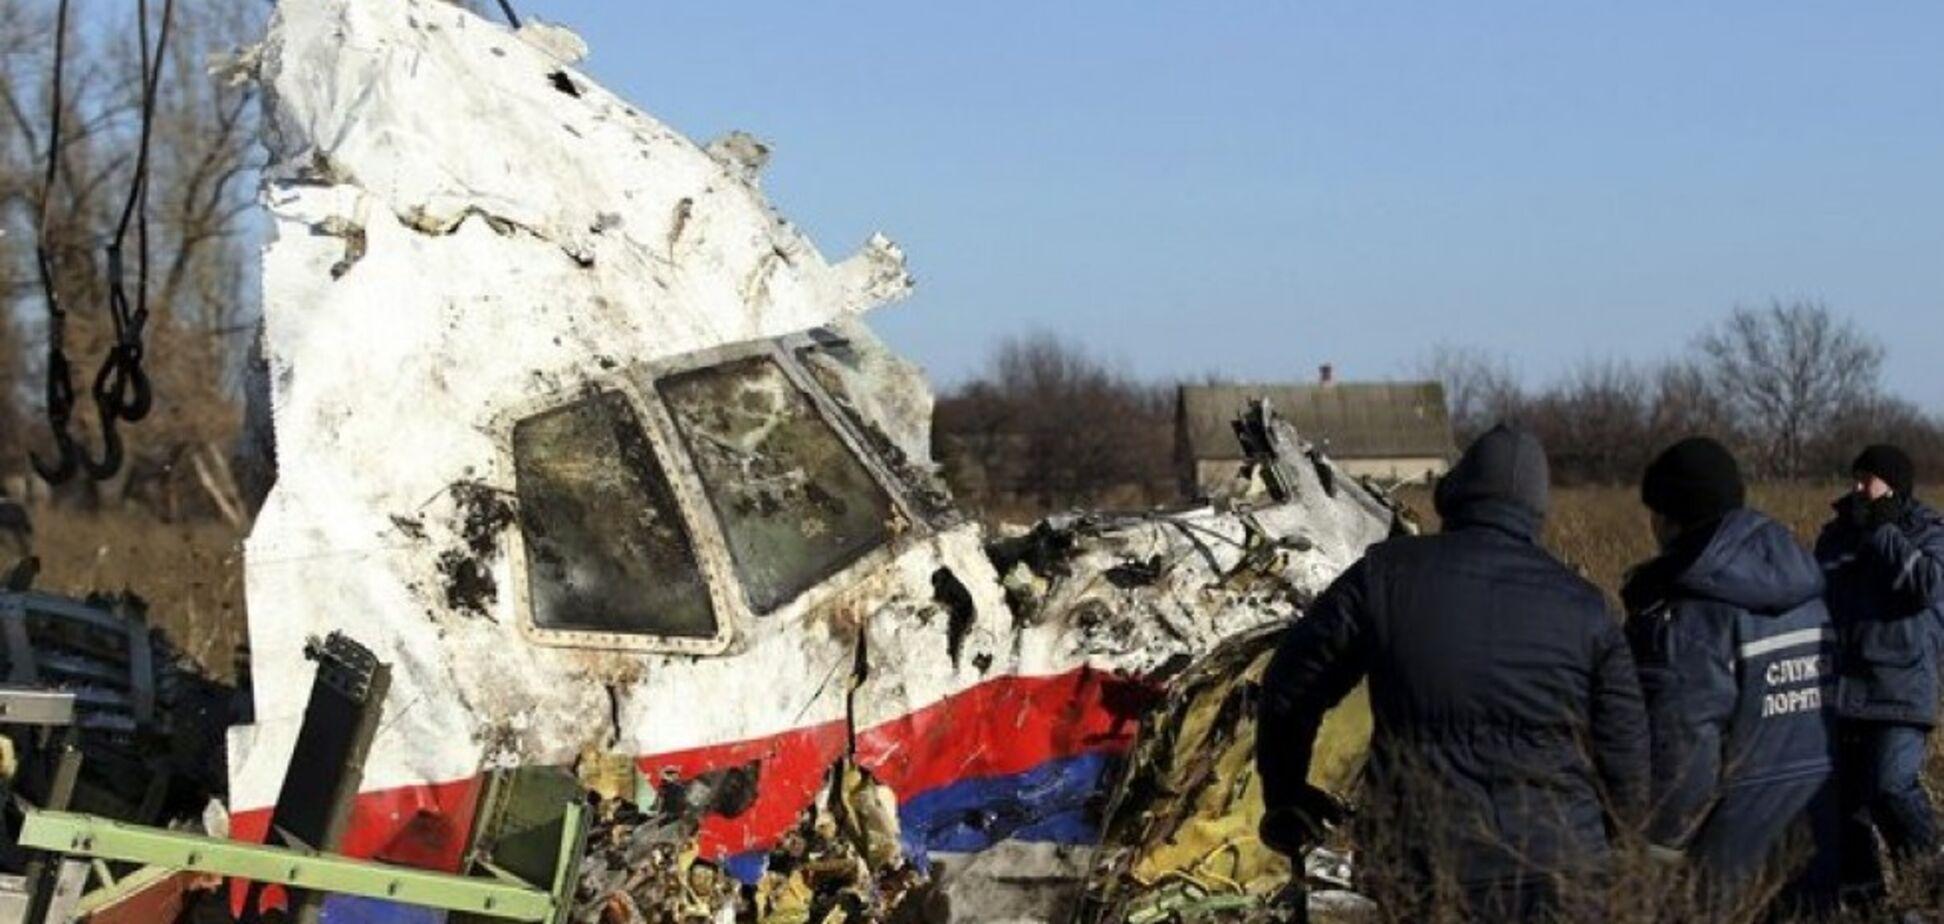 'Гаага для Путина': украинский генерал спрогнозировал 'кульбиты' России в деле MH17